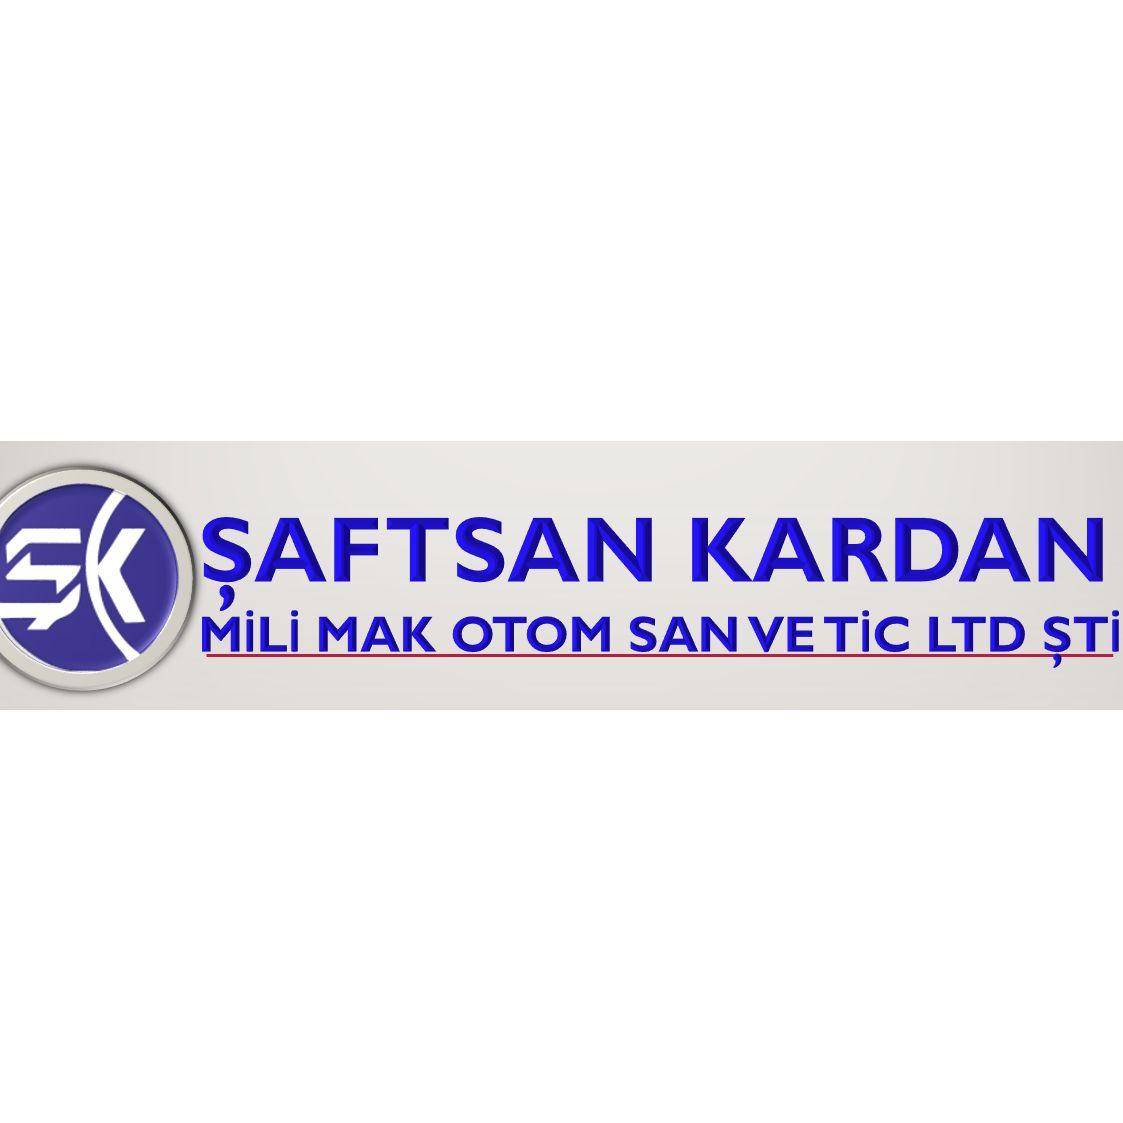 Şaftsan Kardan Mili Makine Otom. San. ve Tic. Ltd. Şti.